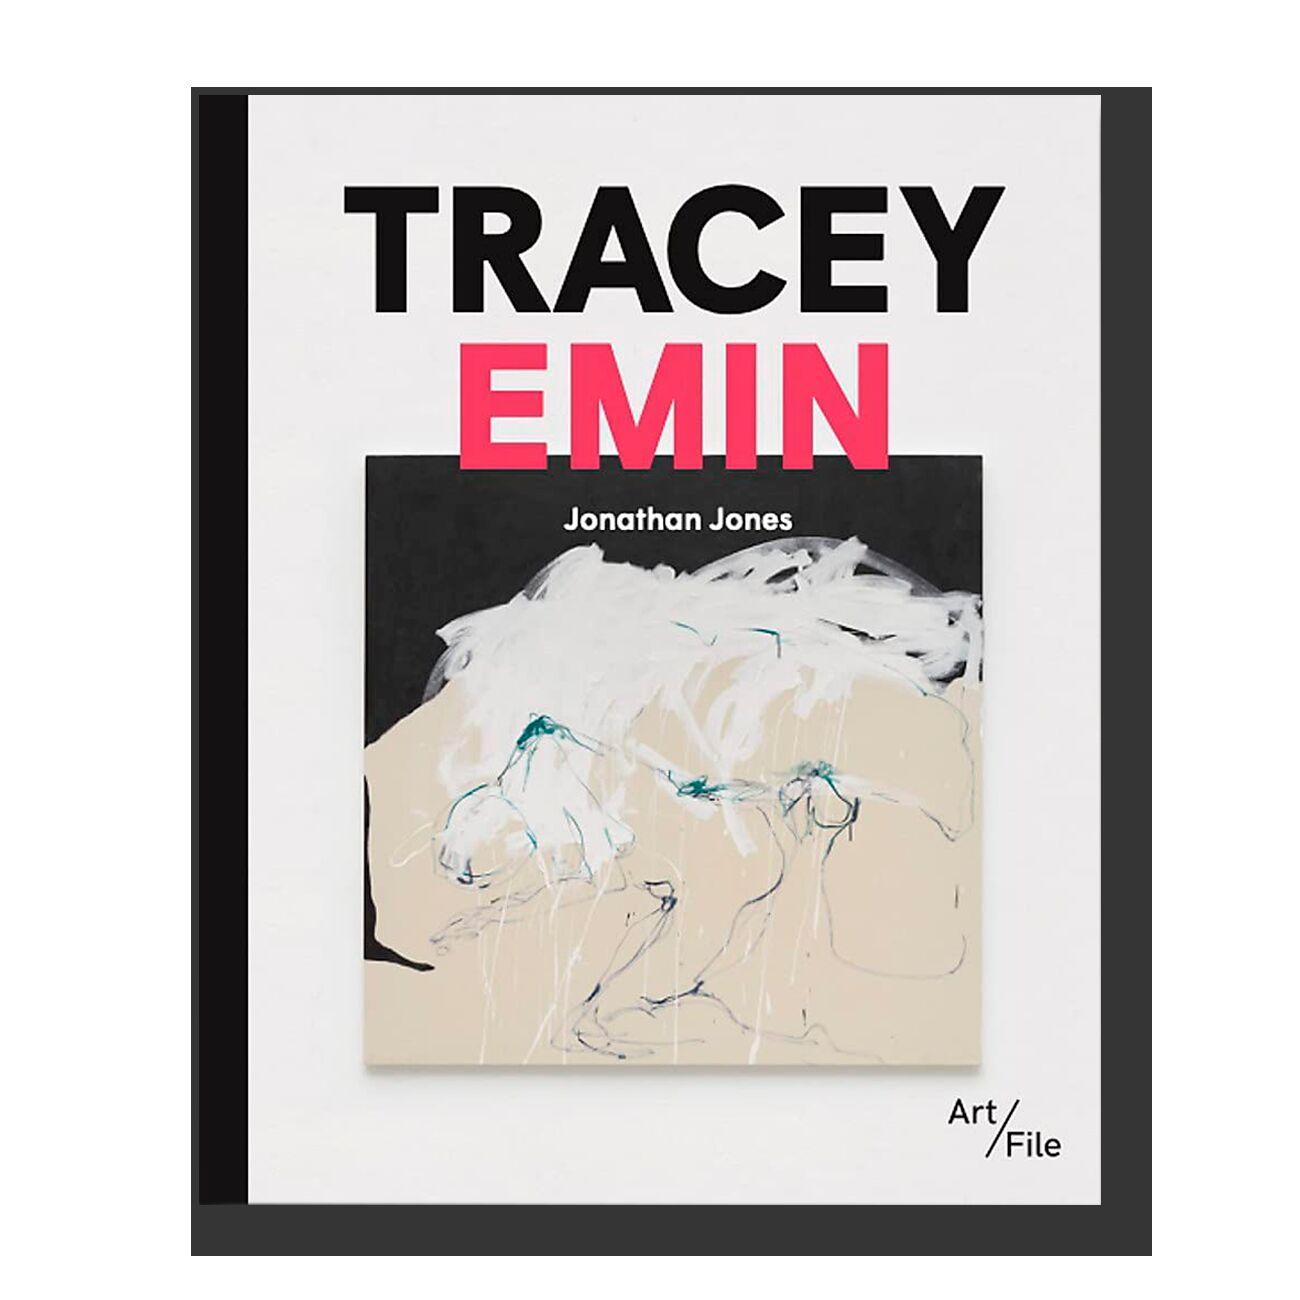 Tracey Emin (Art File)